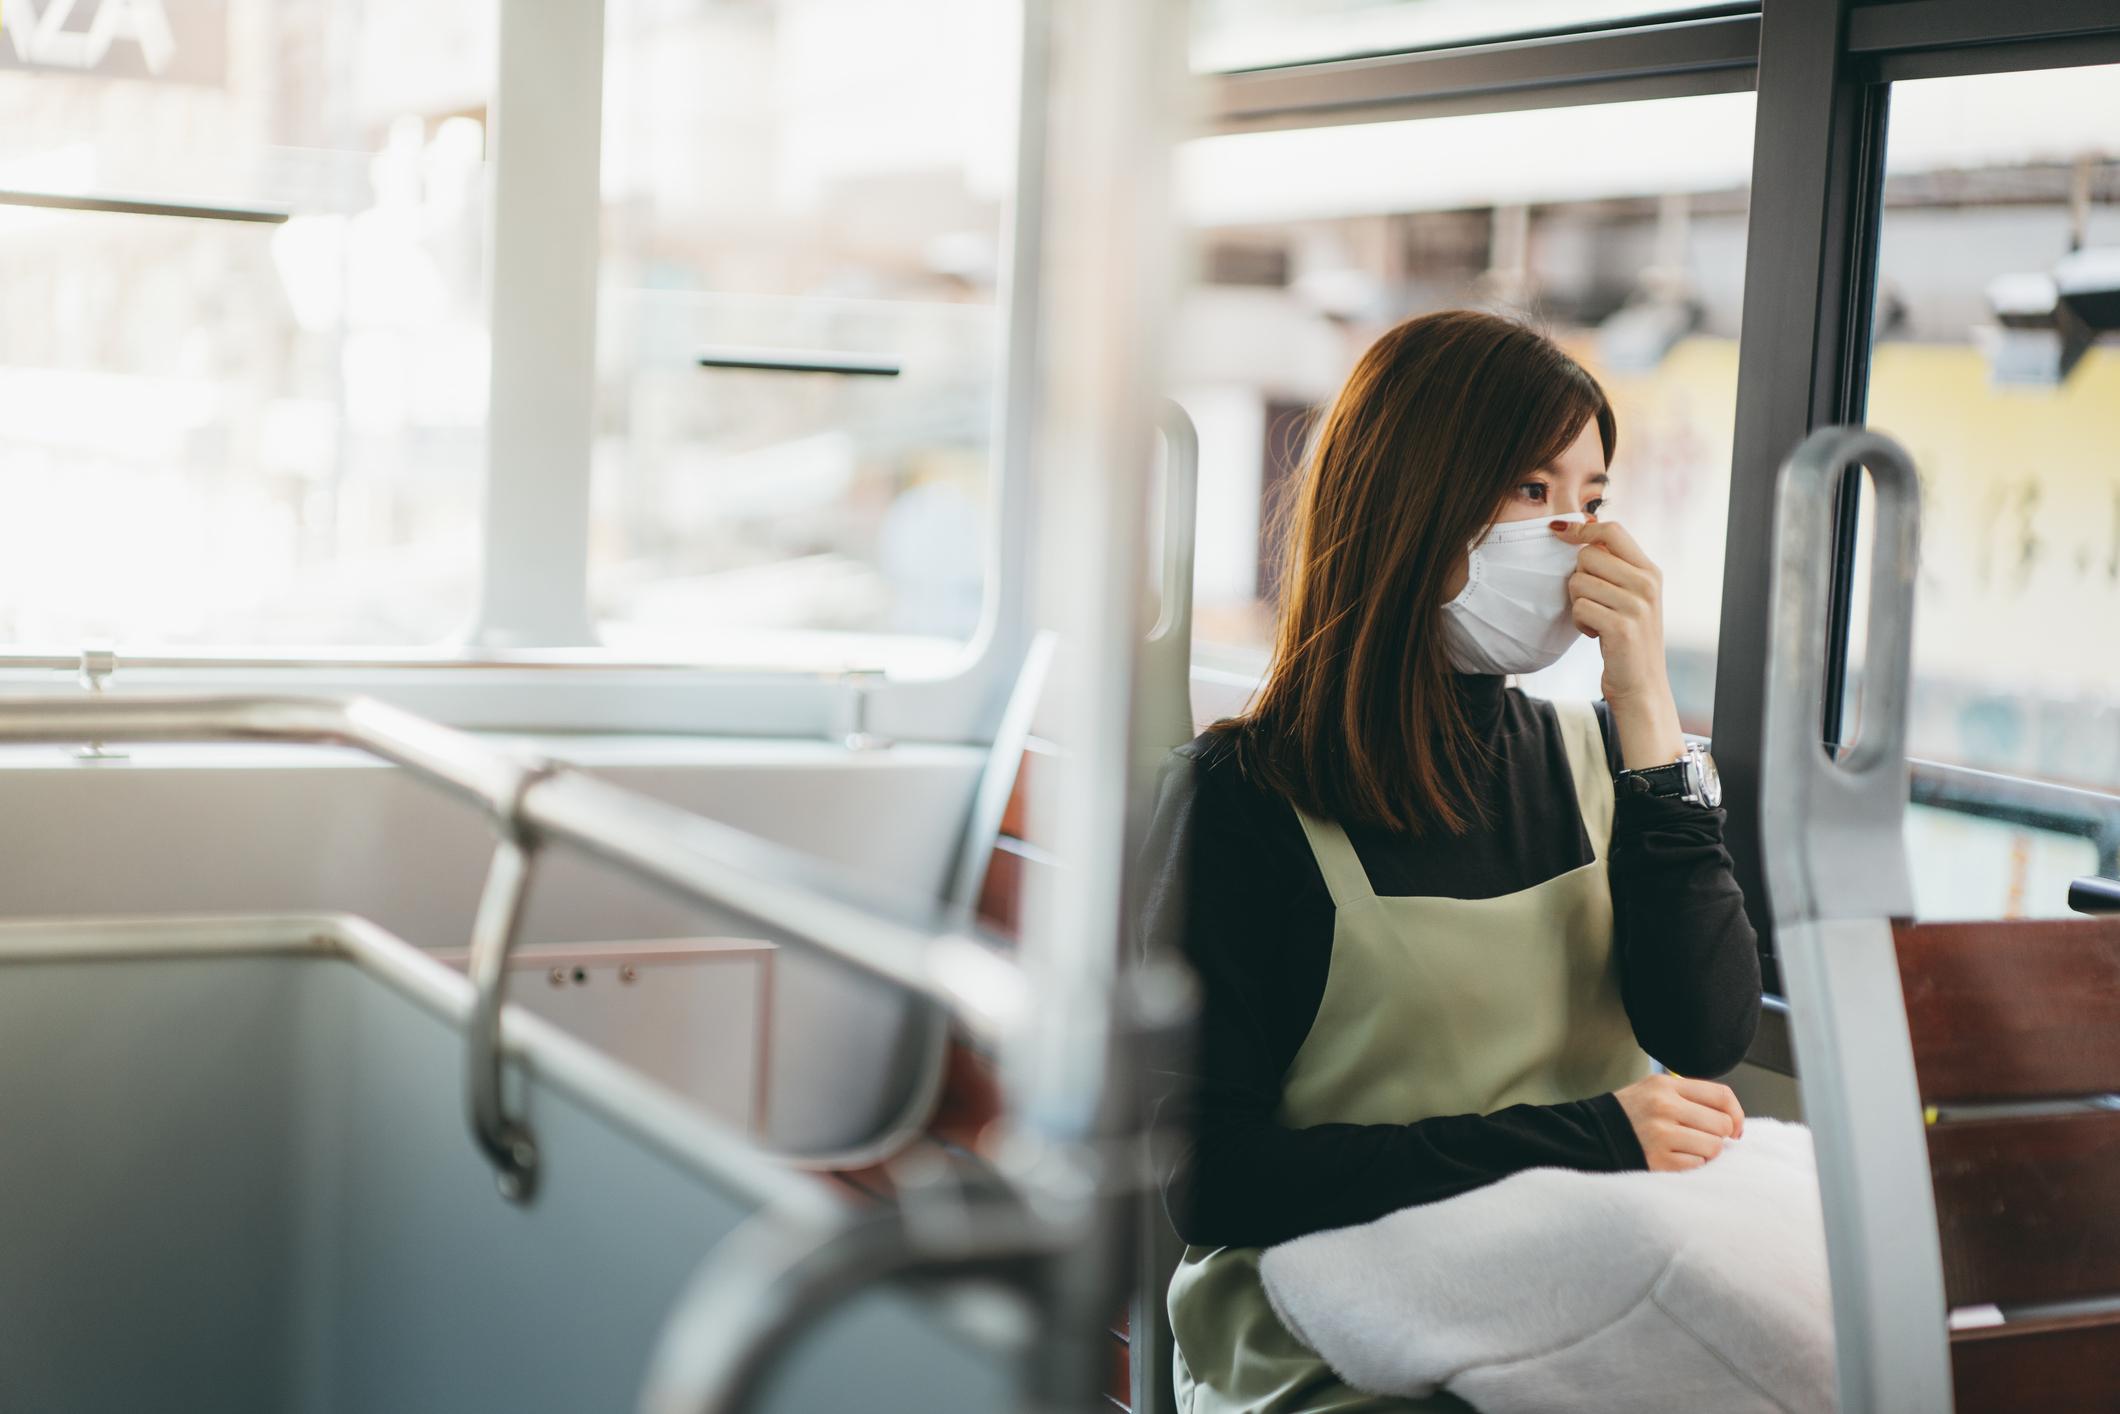 Qué hacer cuando la mascarilla provoca sensación de asfixia y ansiedad